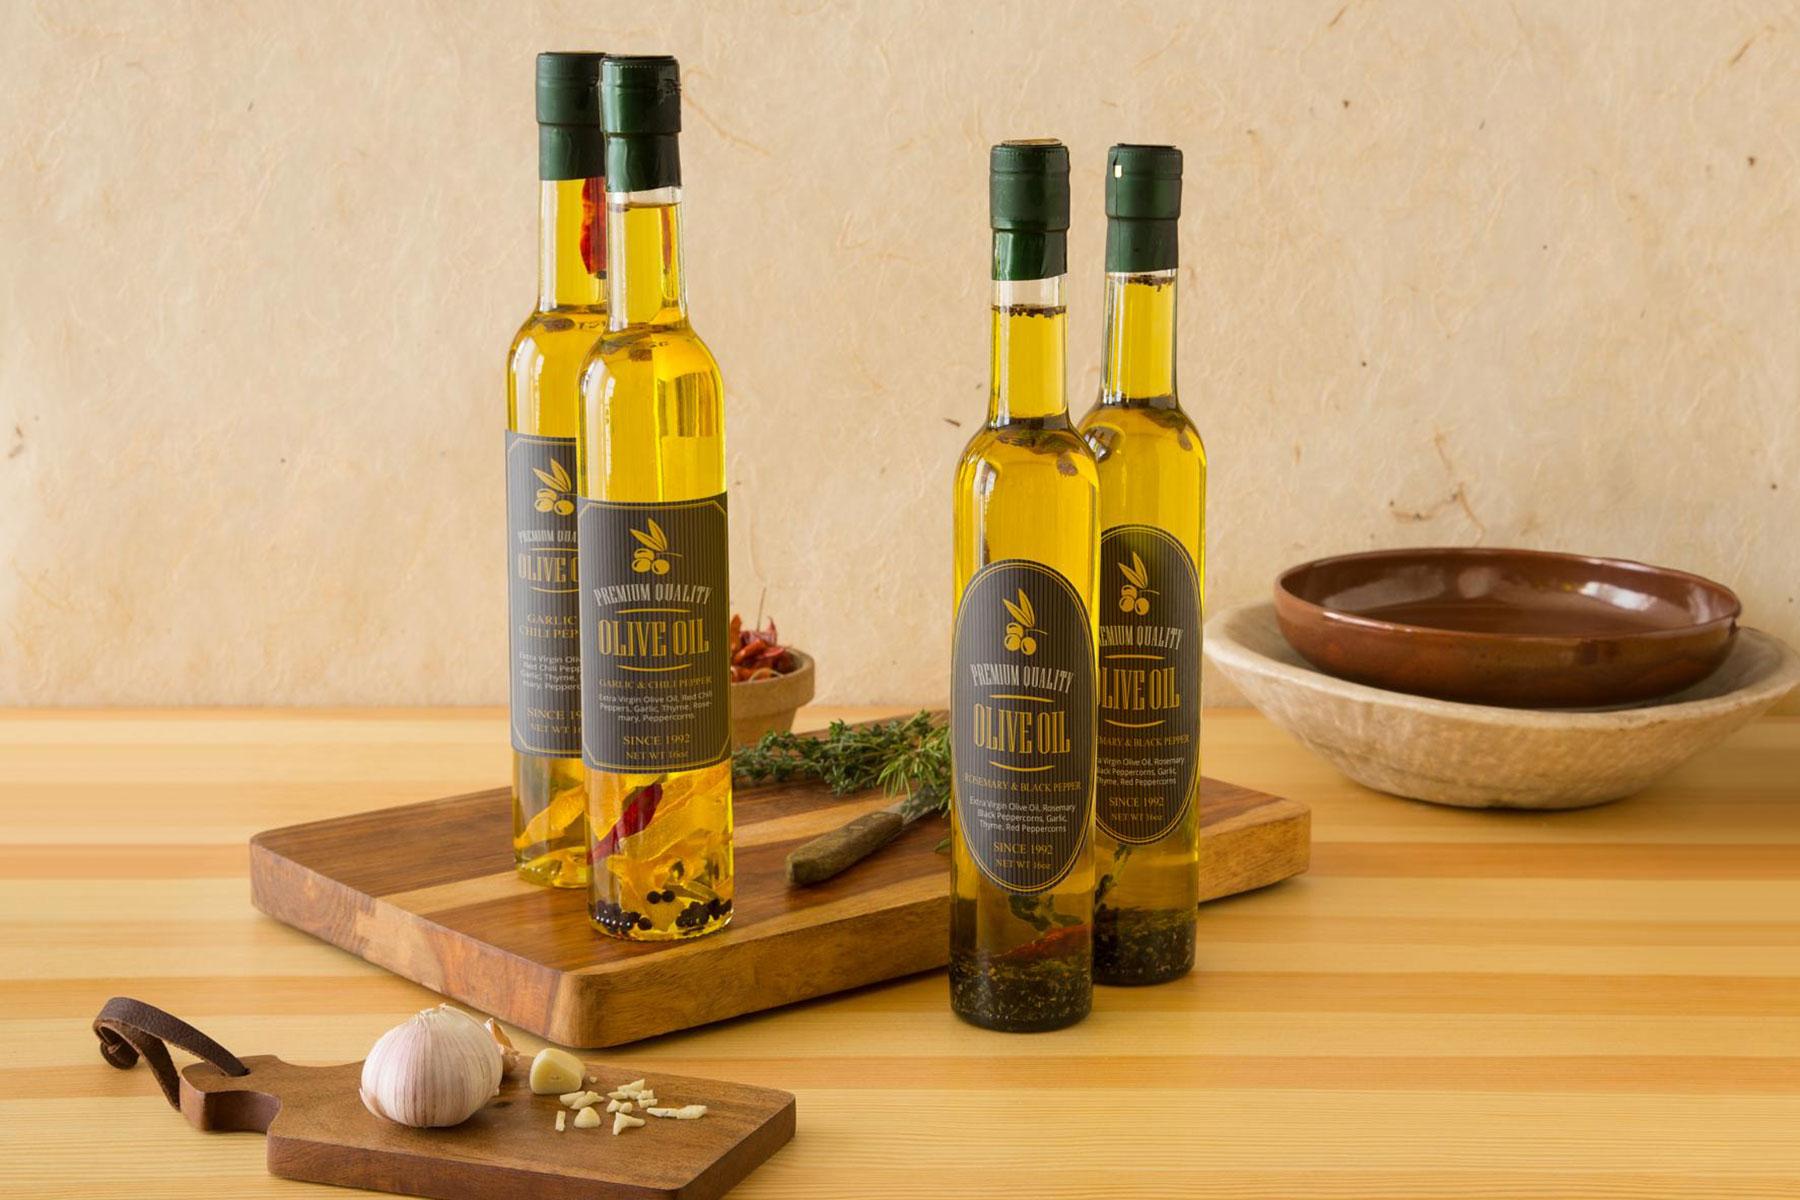 avery_oil-bottles_crop